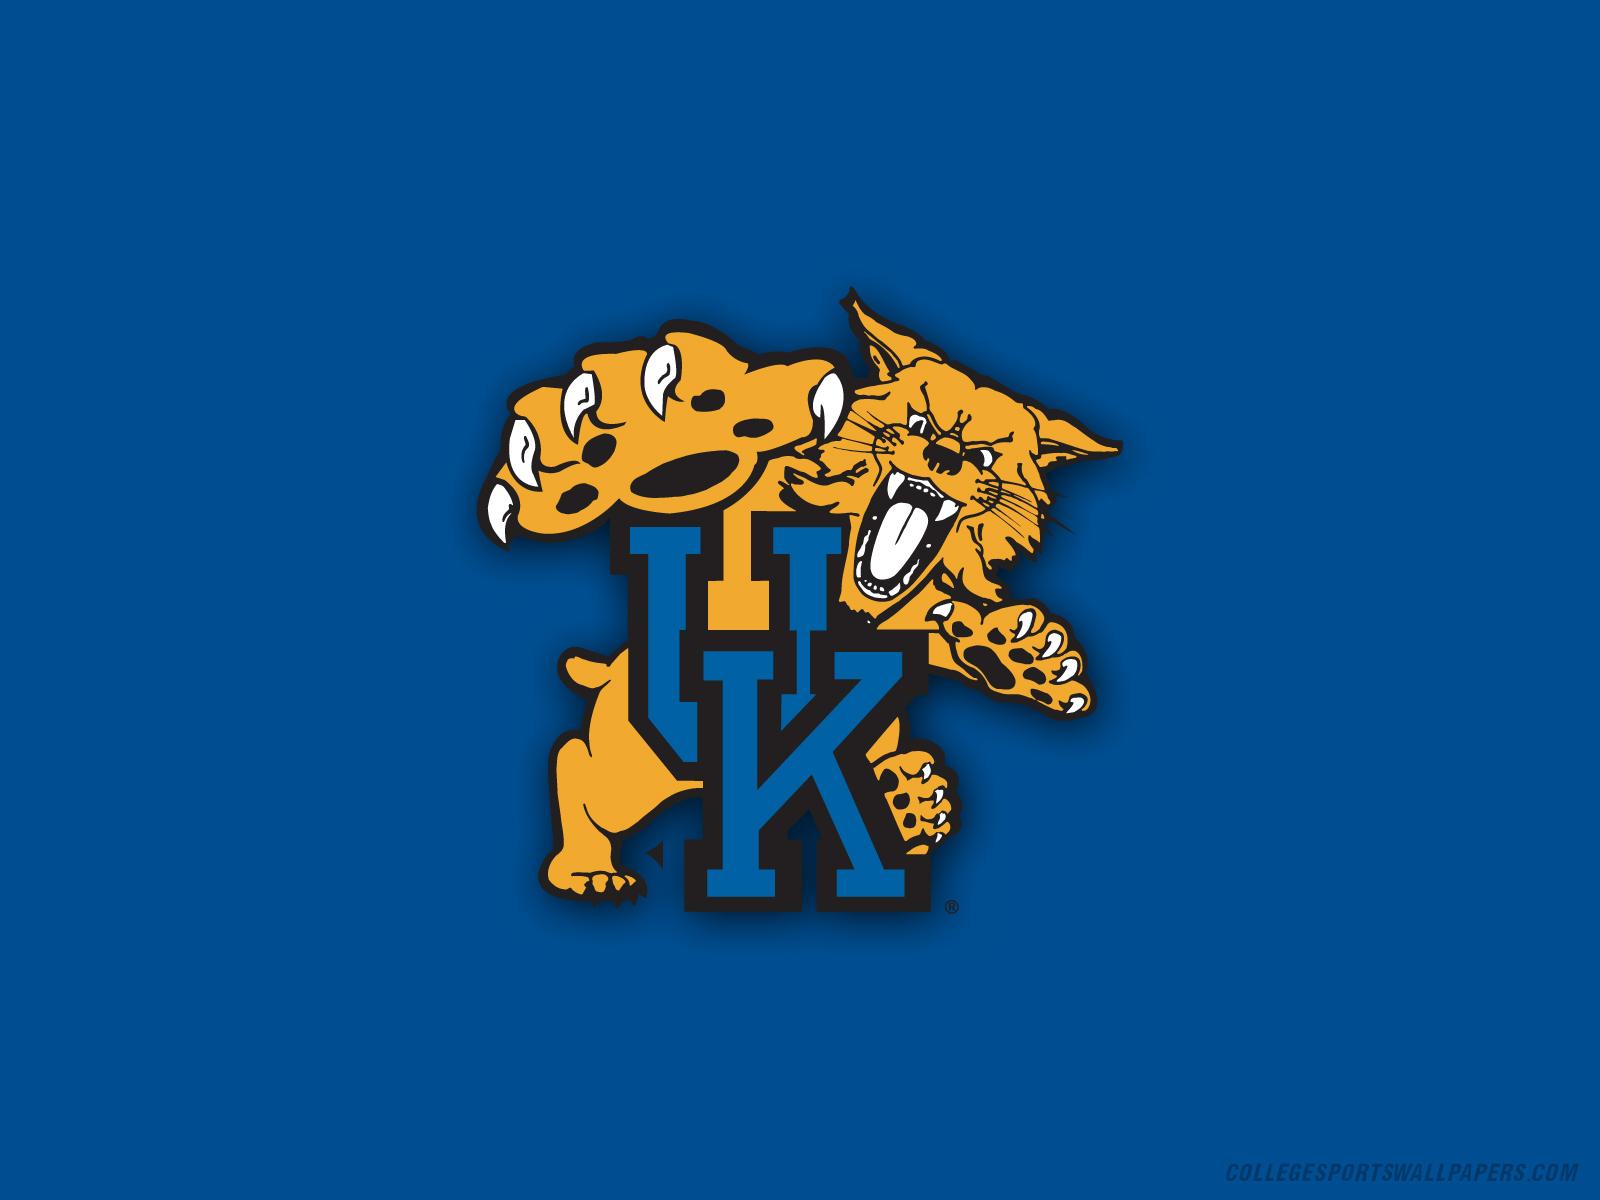 Wildcats   Kentucky Basketball Wallpaper 9328330 1600x1200